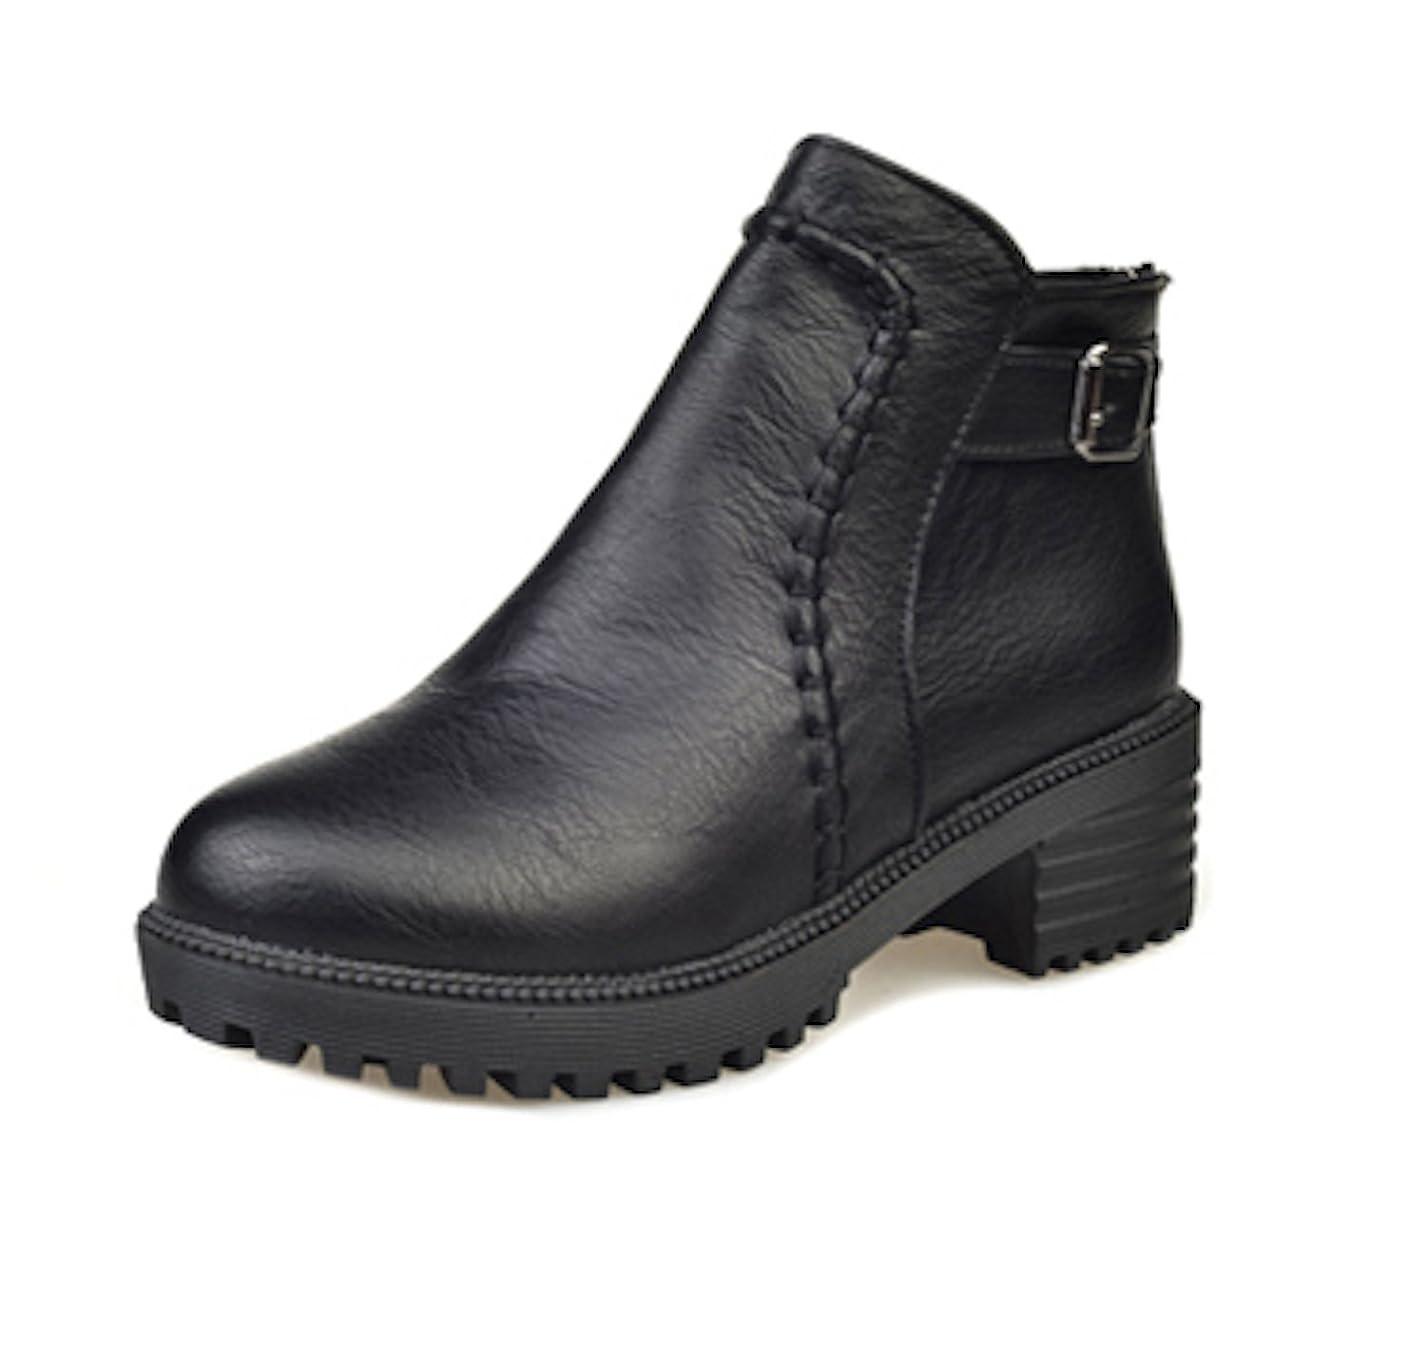 不安定なマキシム上に築きますウォーキングシューズ ブーツ レディース 革 レザー ビジネスシューズ 革靴 軽量 カジュアル